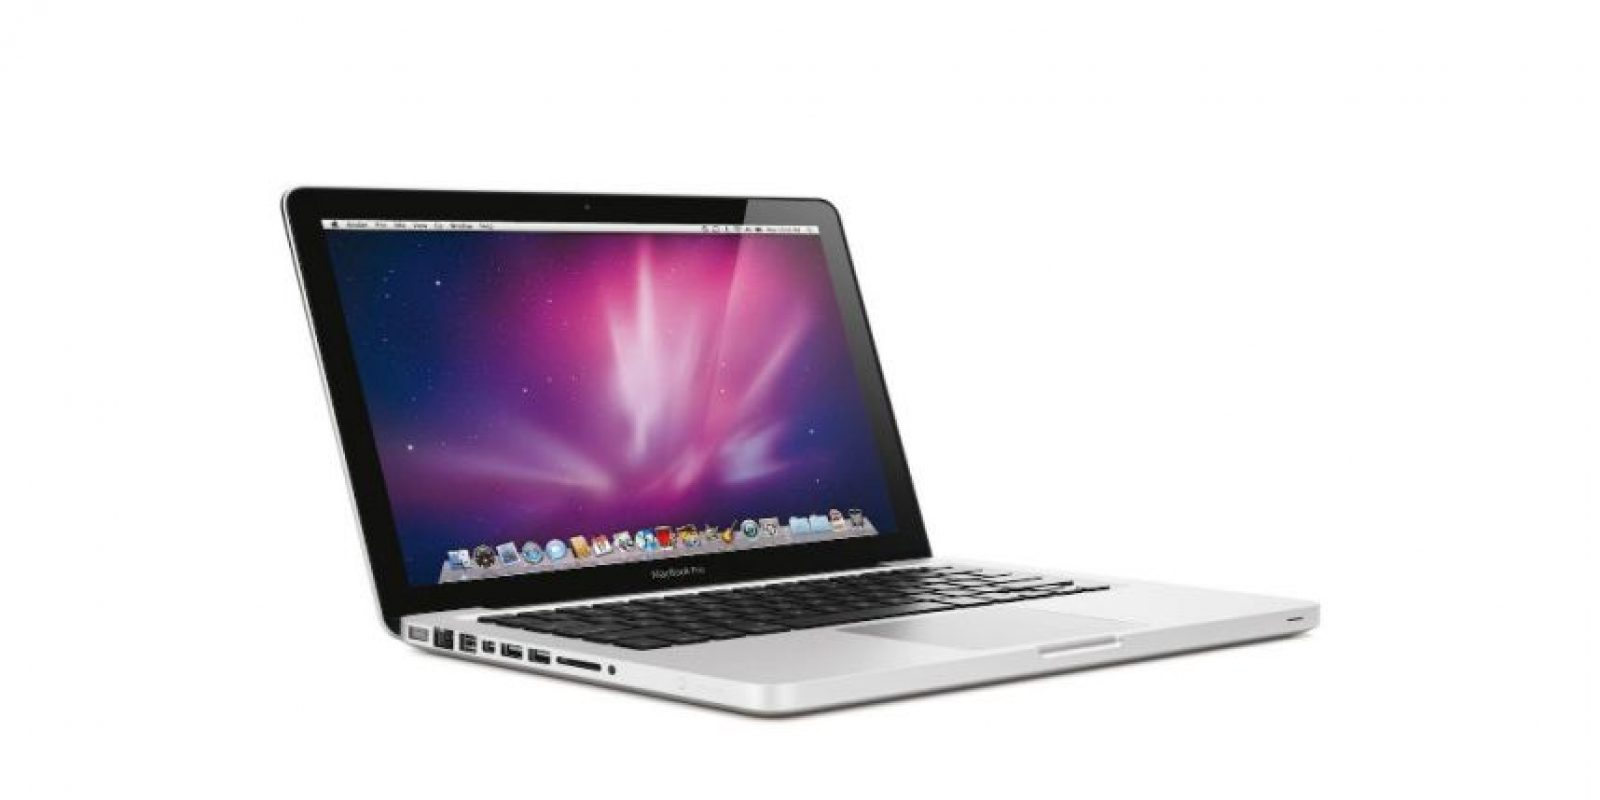 Una parte importate de las portátiles de Apple es el trackpad que ahora tienen Force Touch (tecnología que activa o desactiva funciones dependiendo de la presión que se ejerza). Foto:Apple